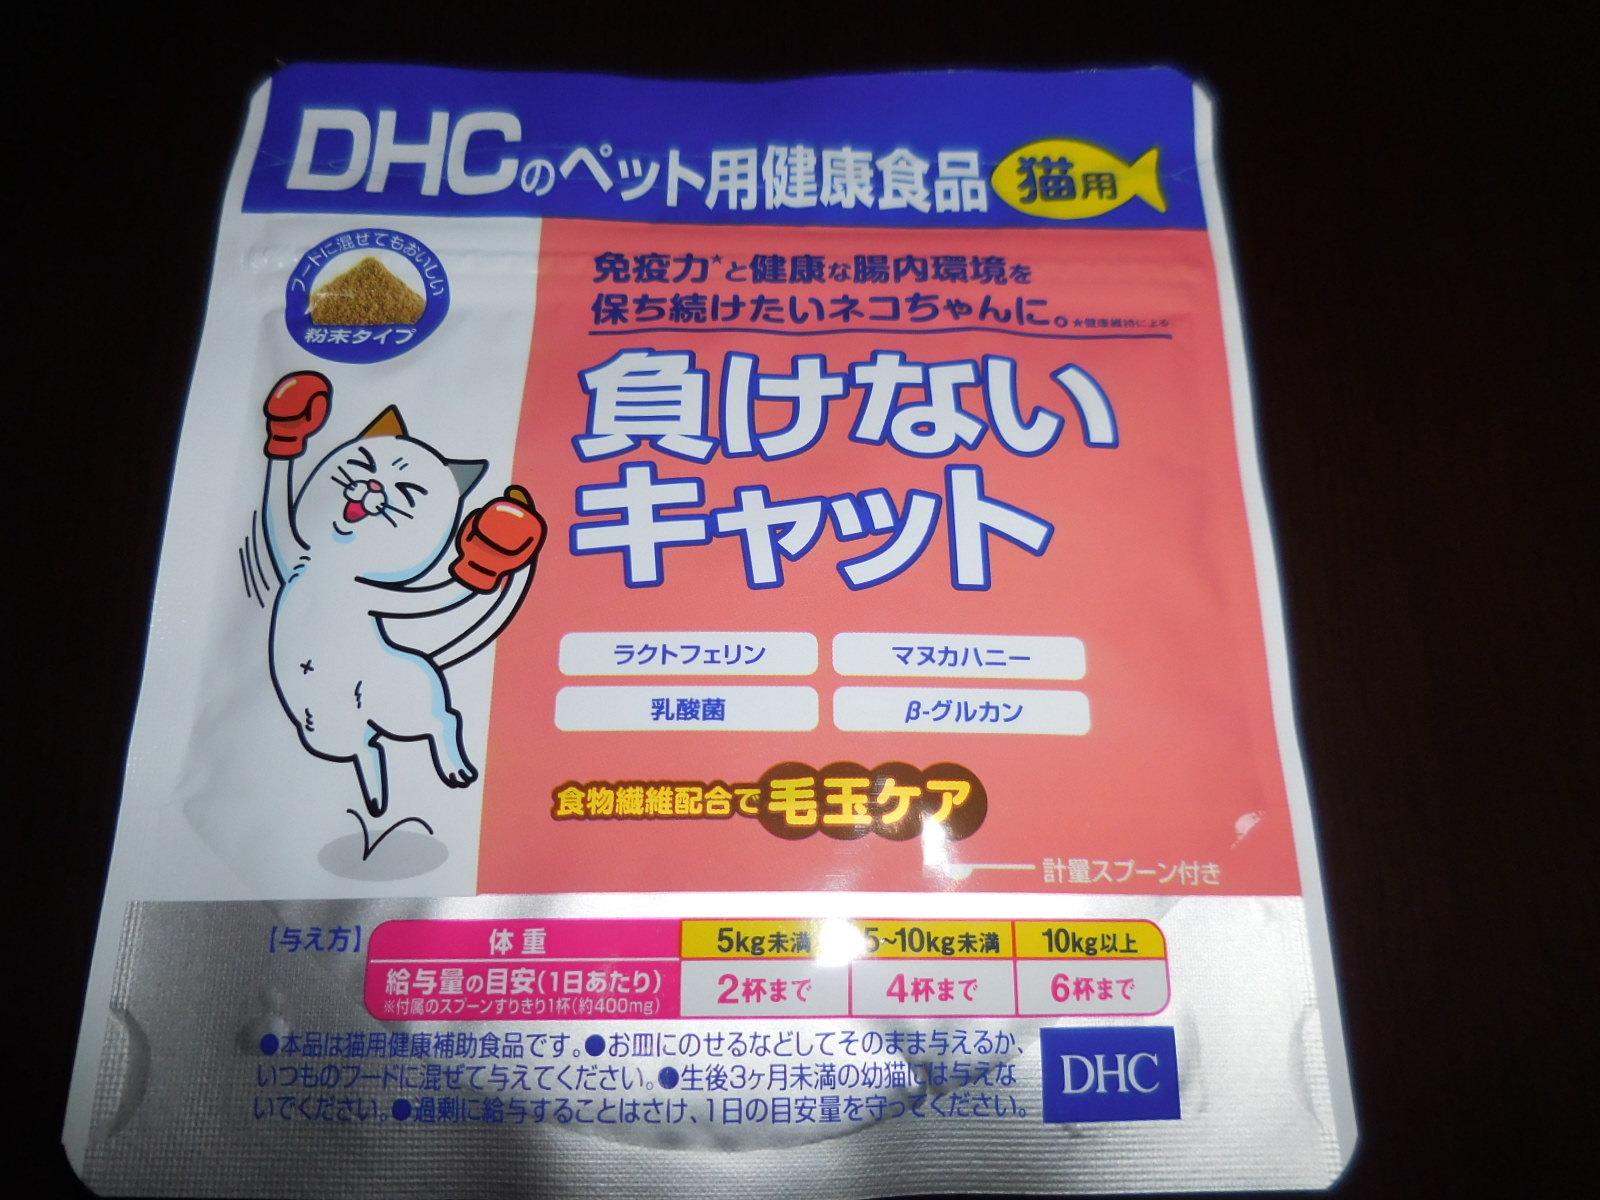 DSCN2048.jpg